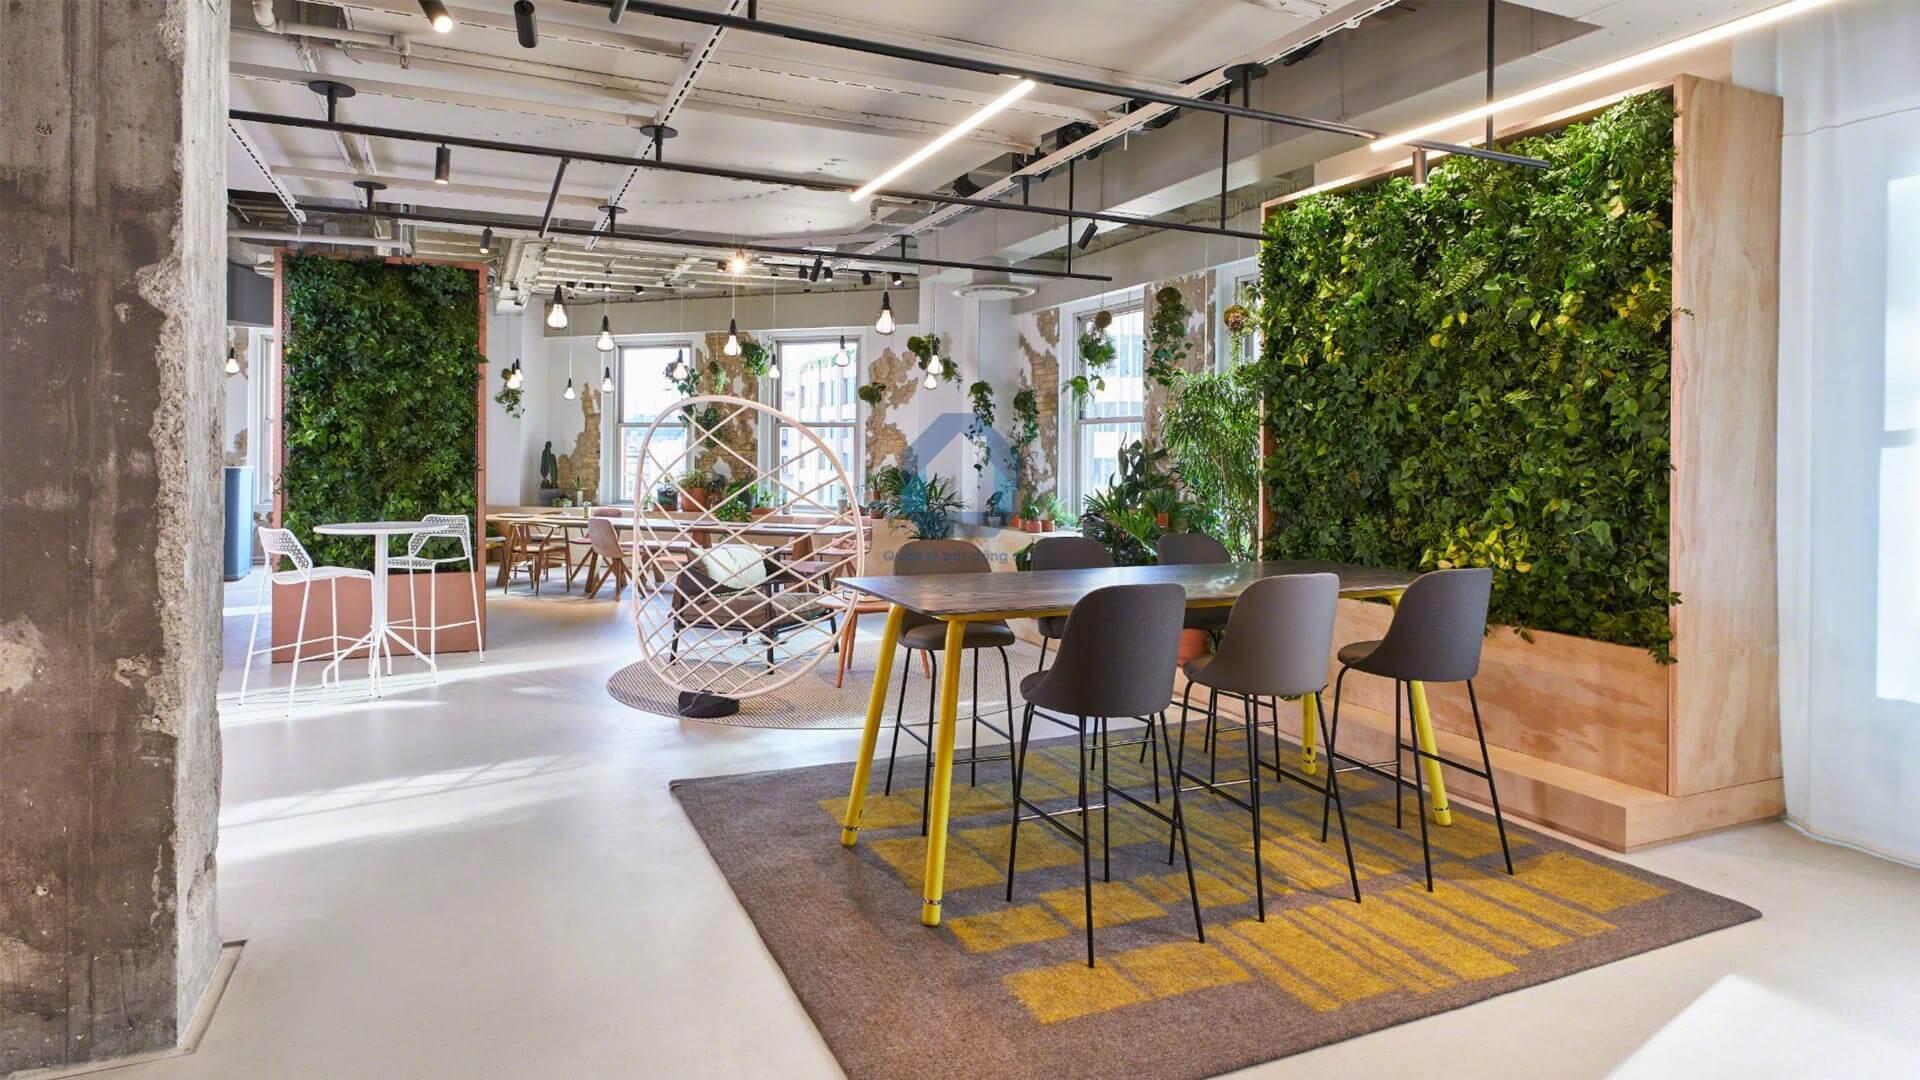 Văn phòng sử dụng cây xanh làm tường